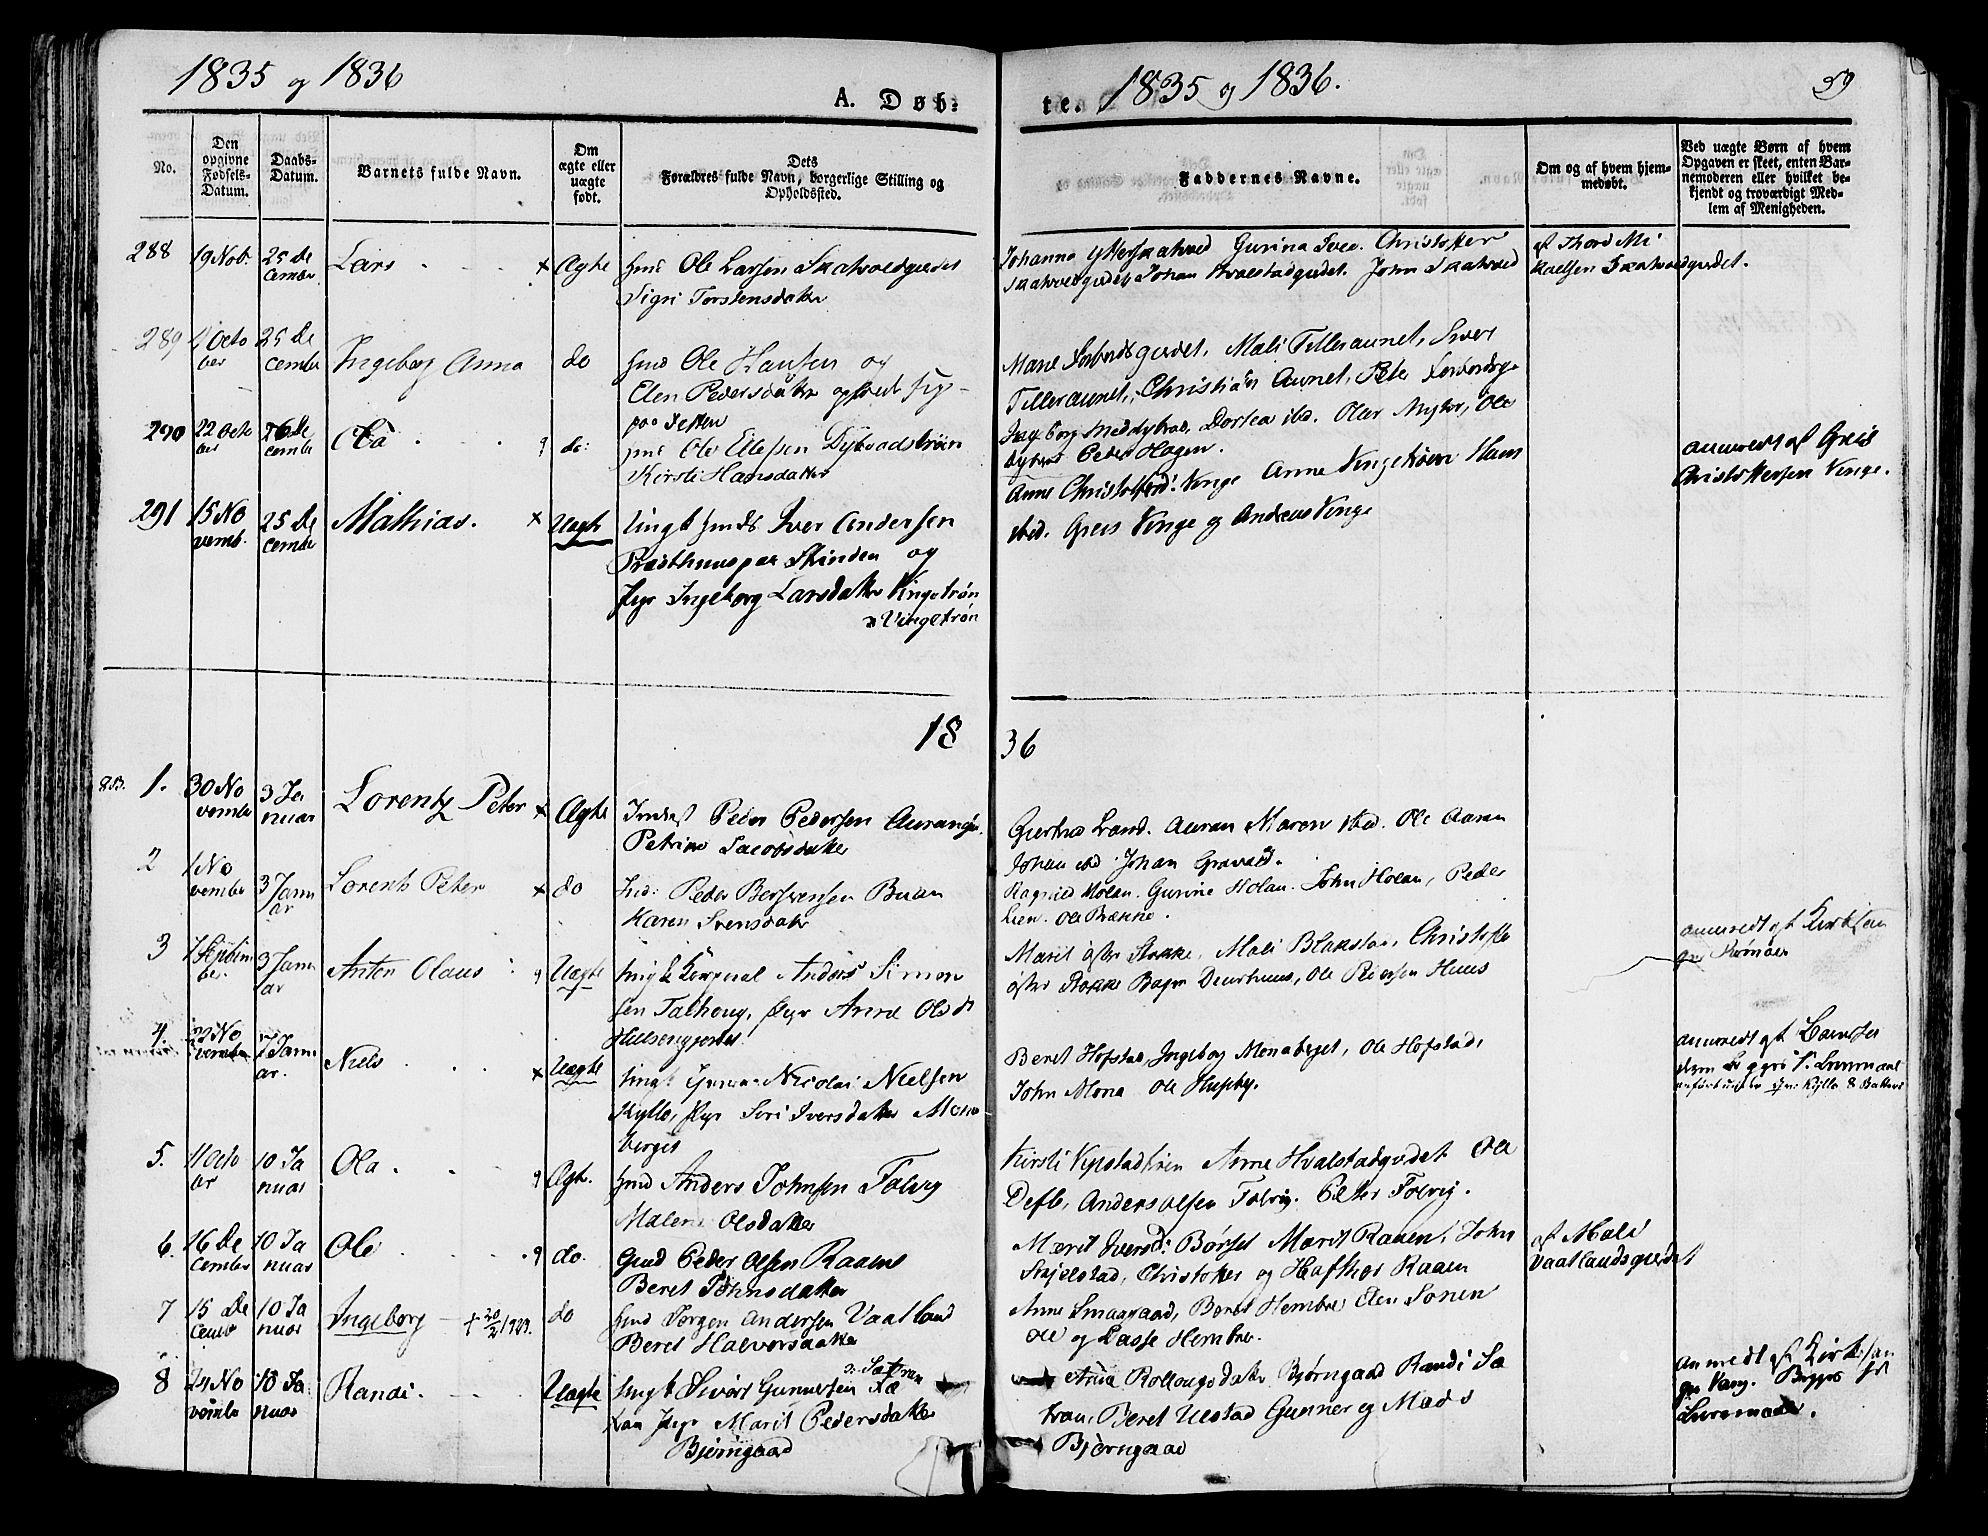 SAT, Ministerialprotokoller, klokkerbøker og fødselsregistre - Nord-Trøndelag, 709/L0071: Ministerialbok nr. 709A11, 1833-1844, s. 59